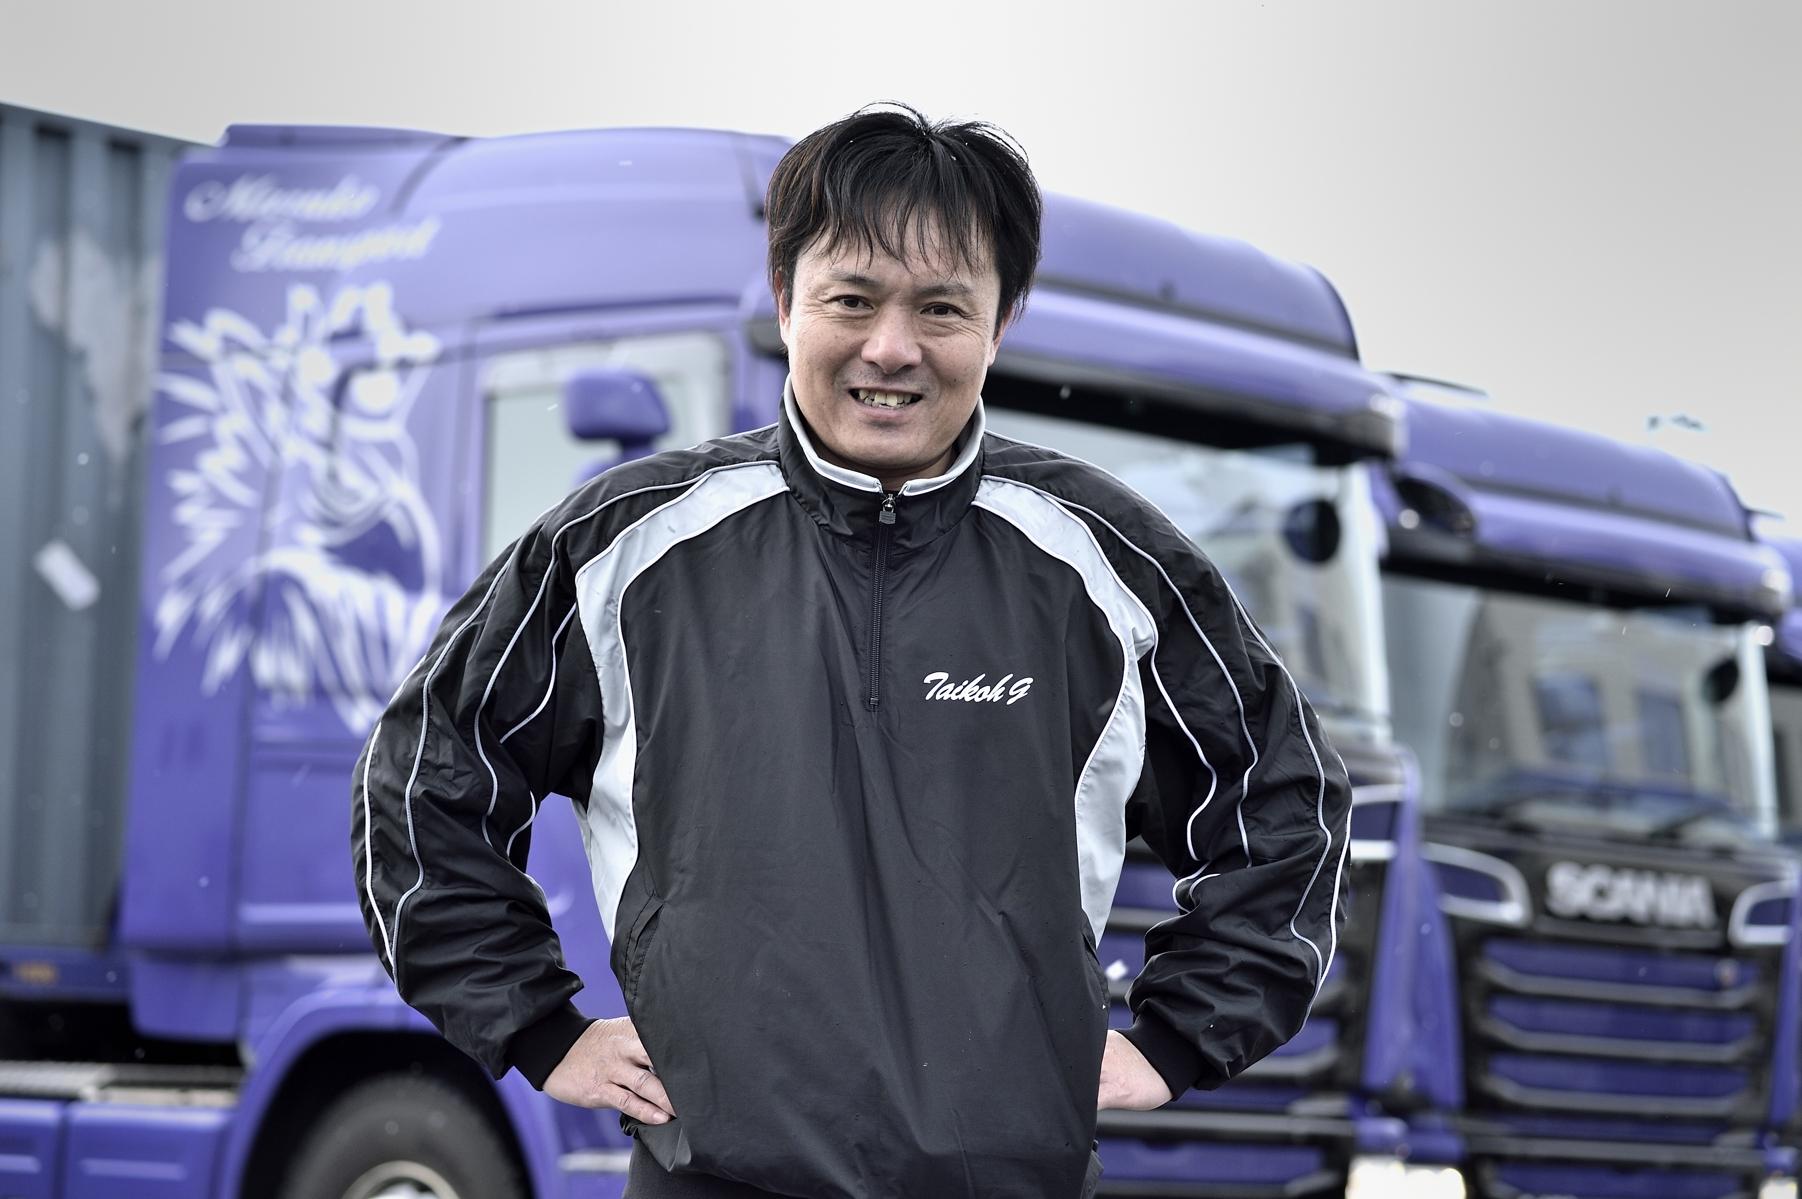 マルコートランスポートでスカニアトラックを委ねられているドライバー本林春彦氏の顔写真